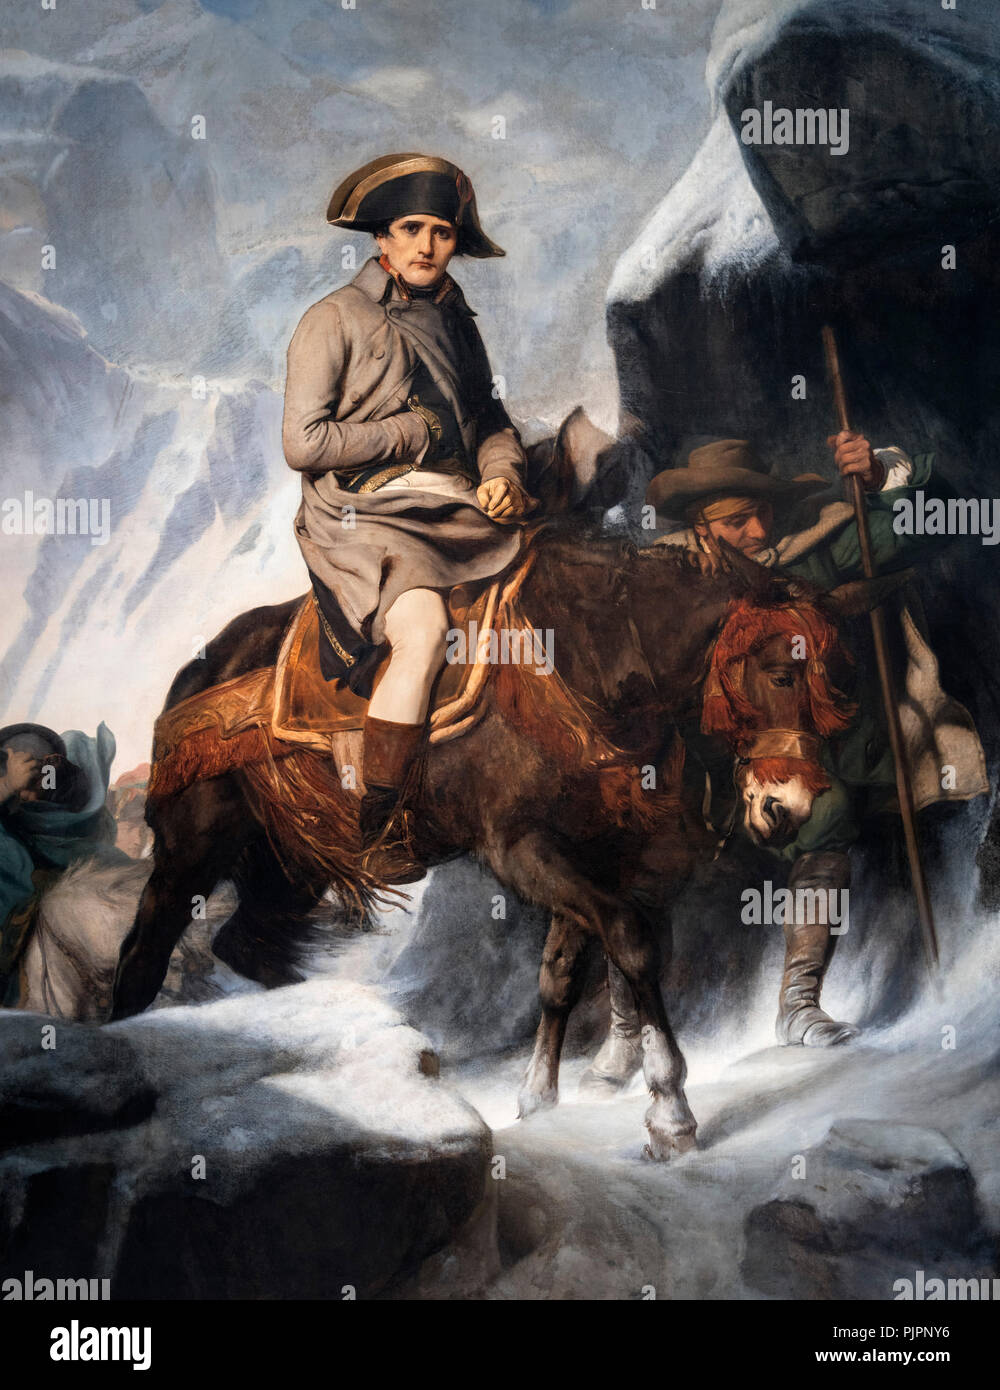 Napoleon Bonaparte Crossing the Alps by Paul Delaroche, 1848. - Stock Image